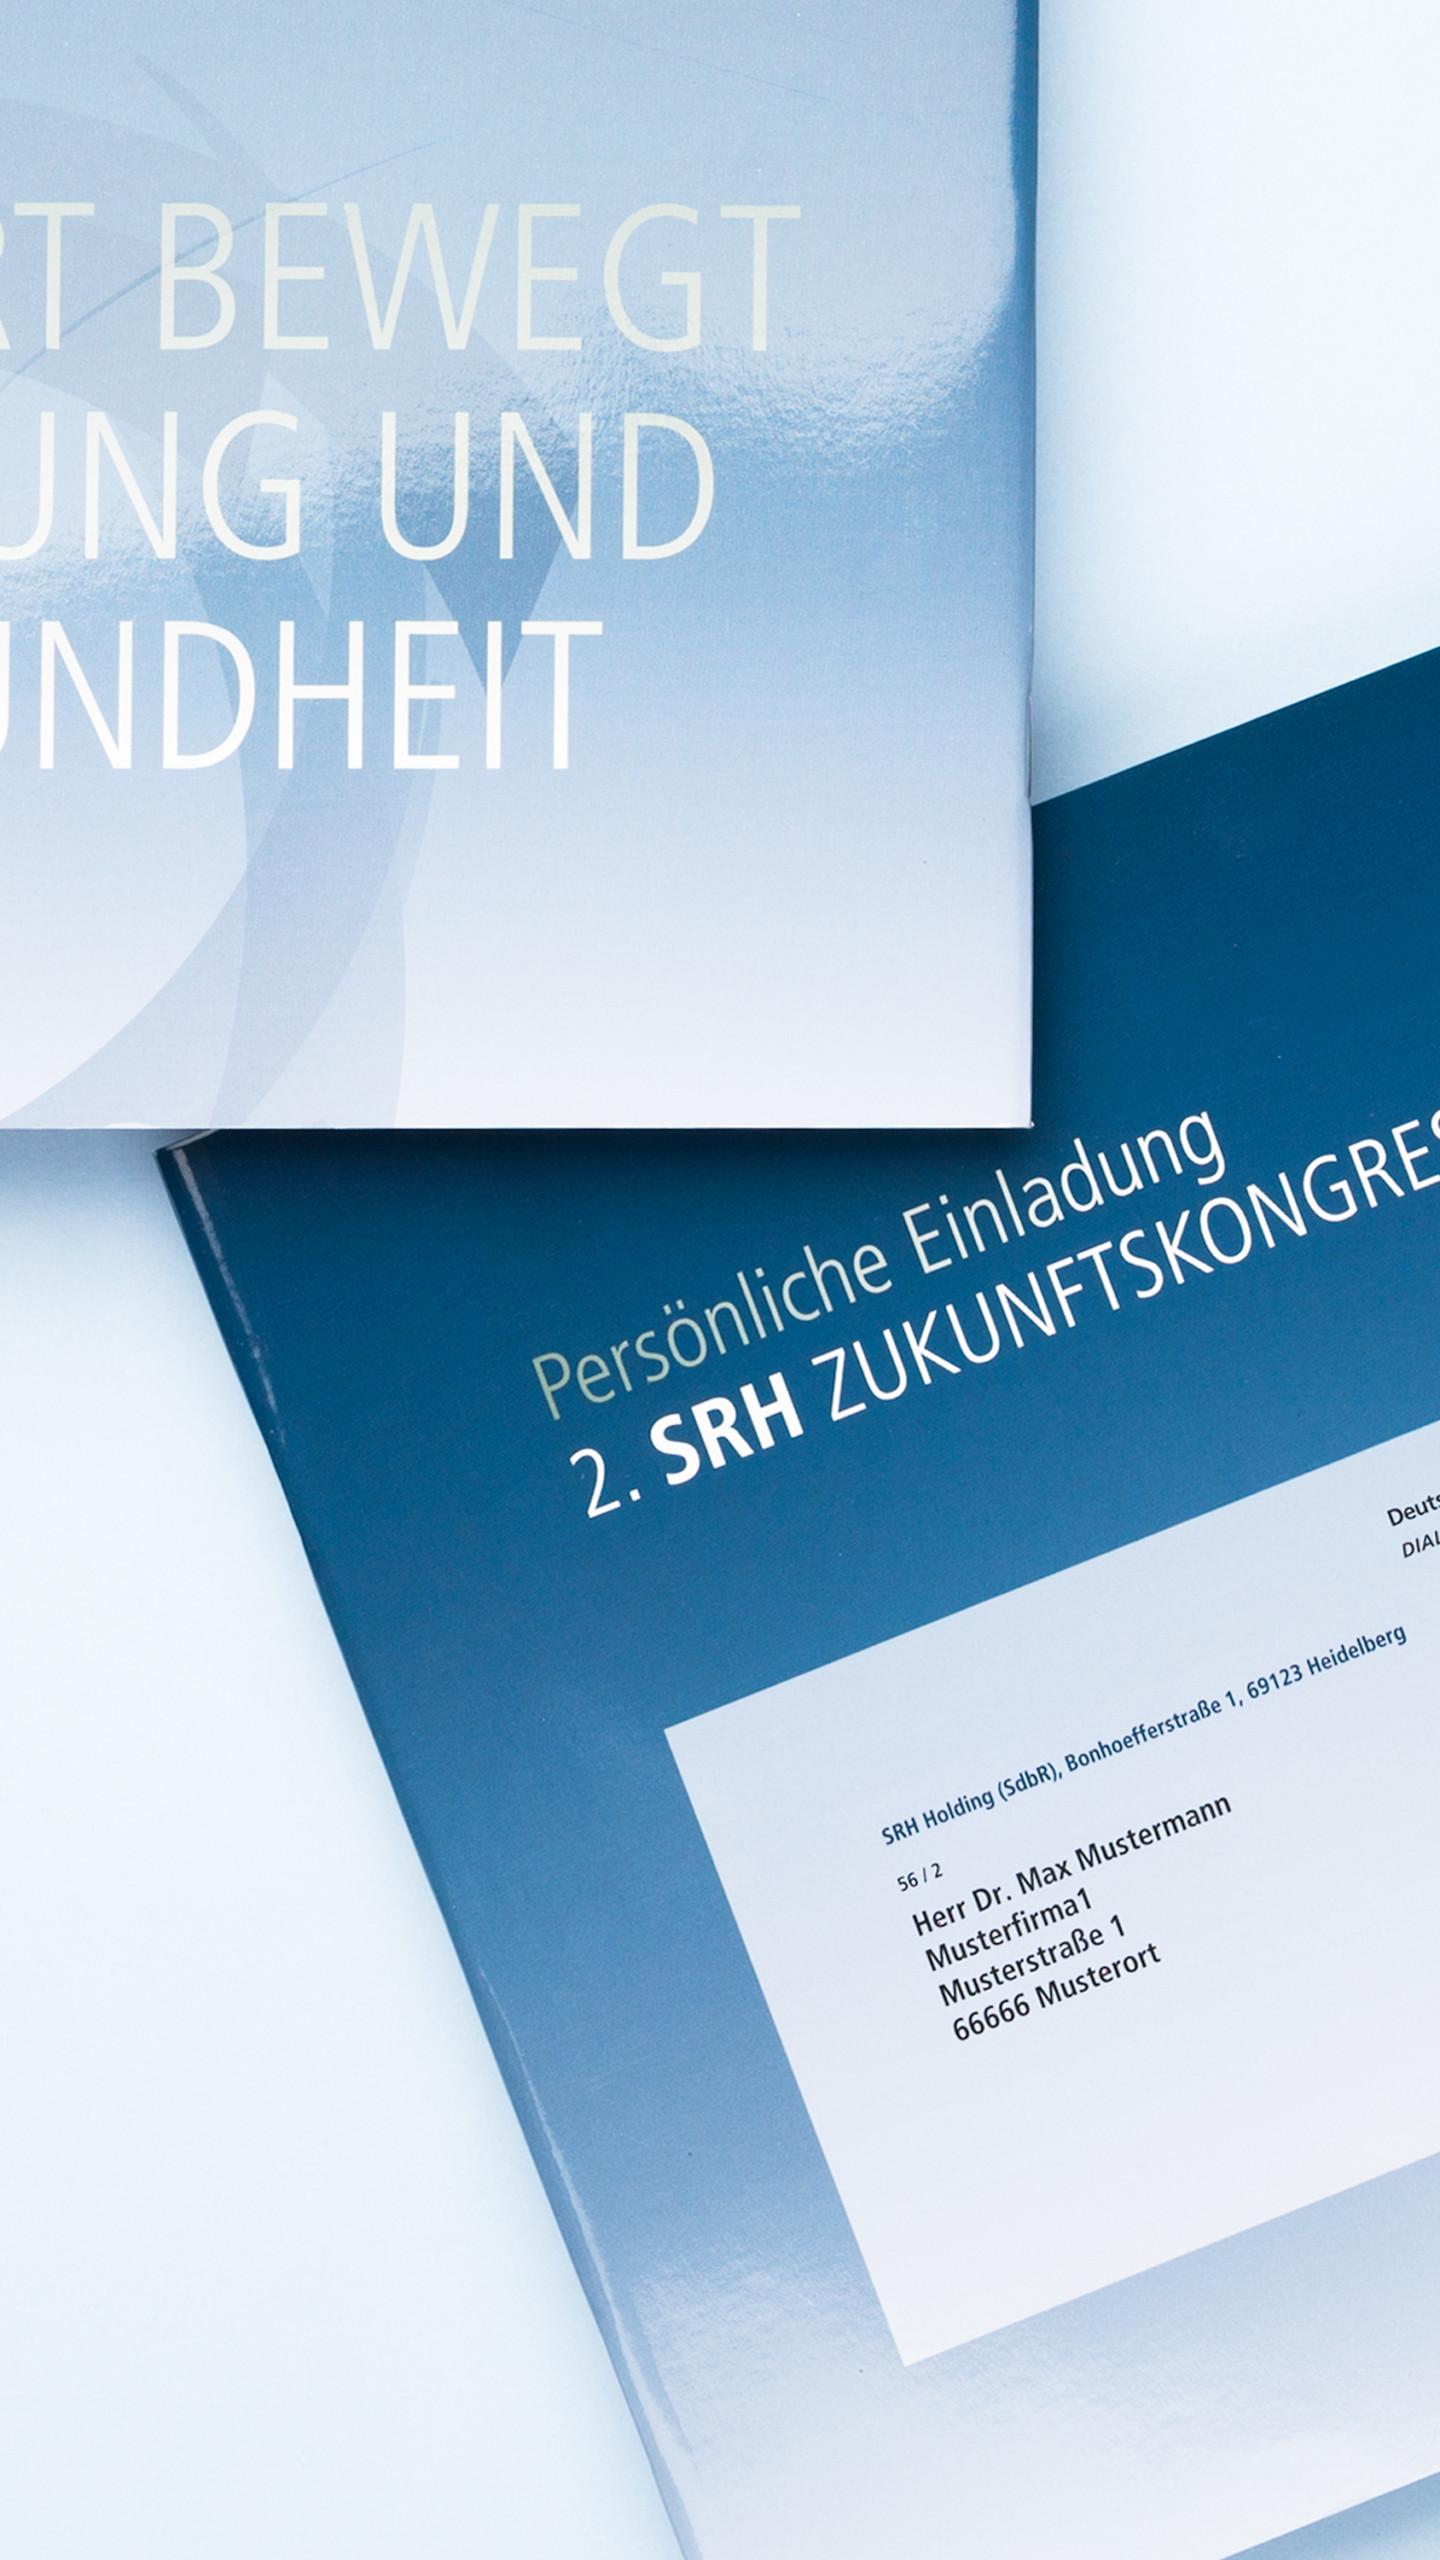 SRH Zukunftskongress, hochwertiges Einladungs-Mailing